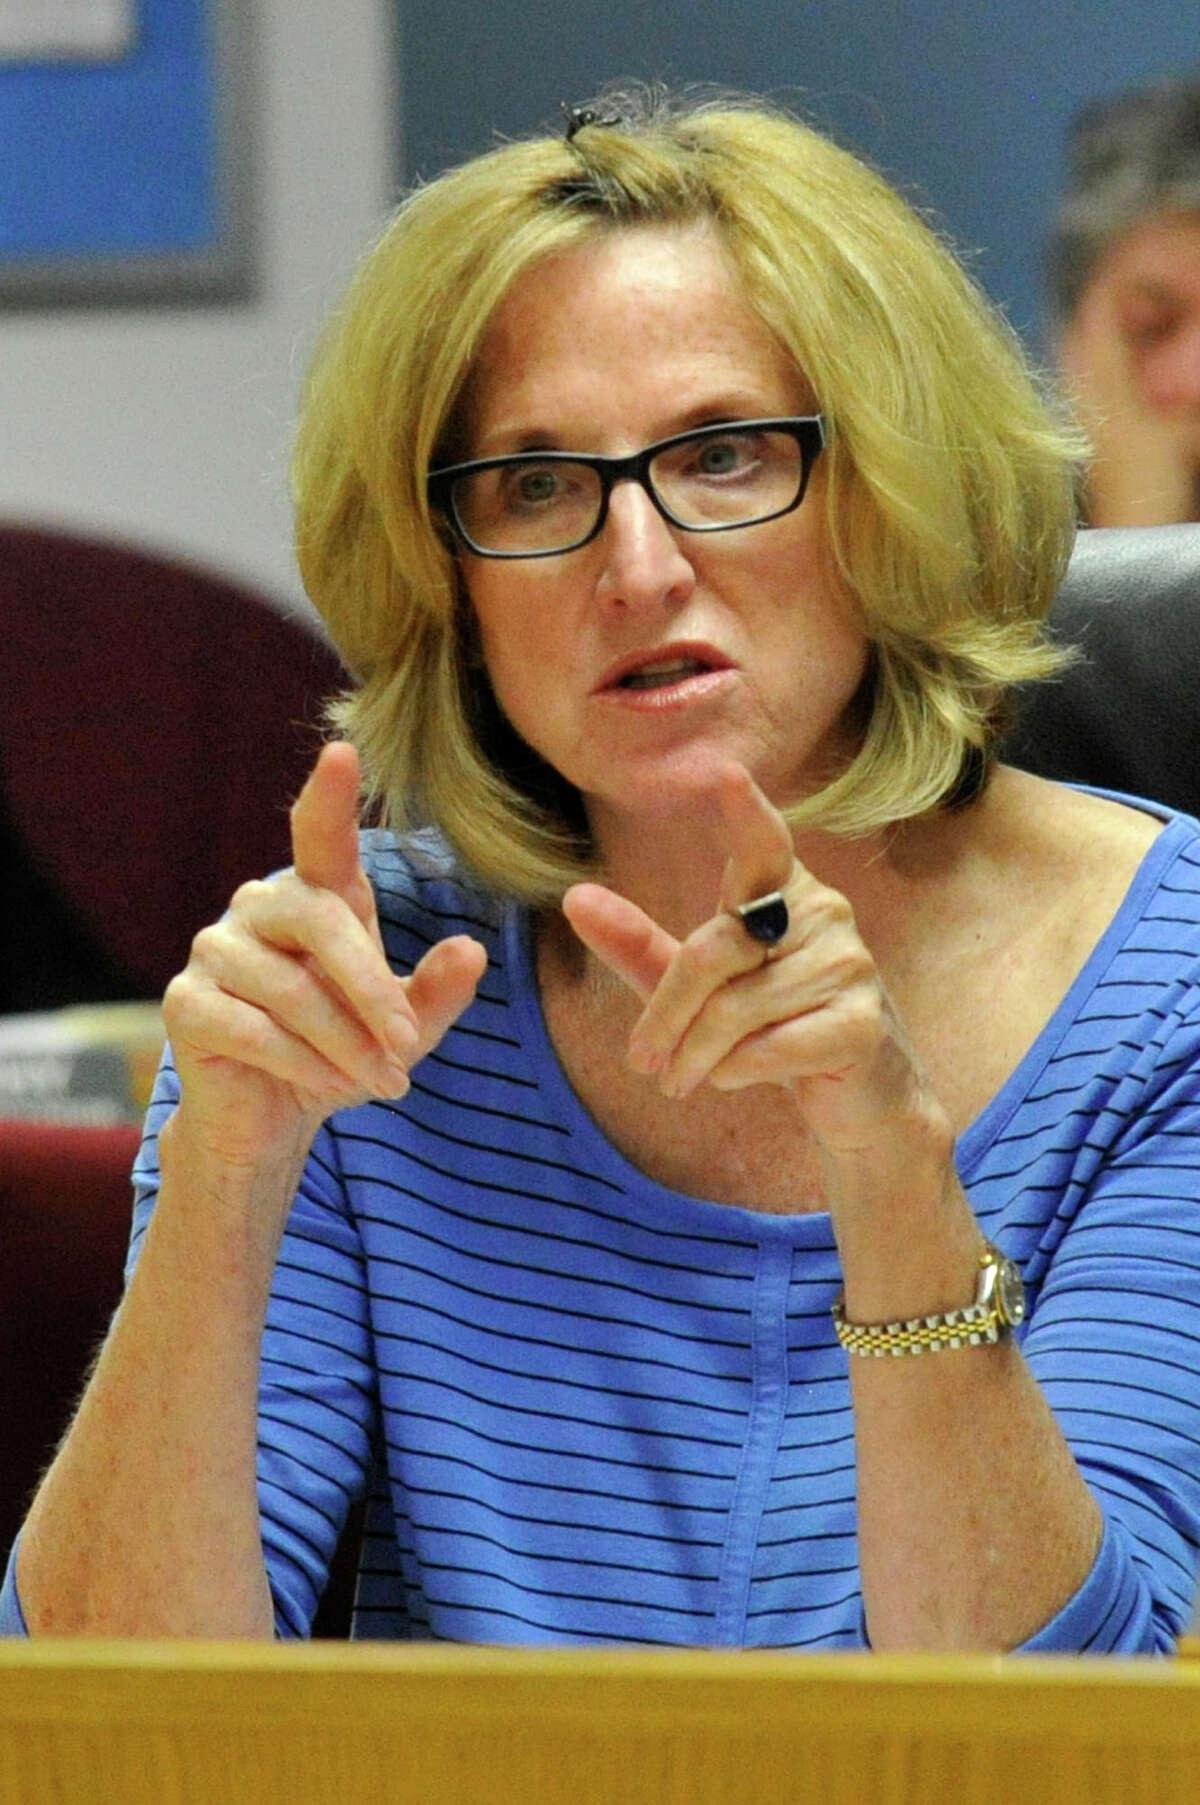 Stamford Board of Education member Julia Wade